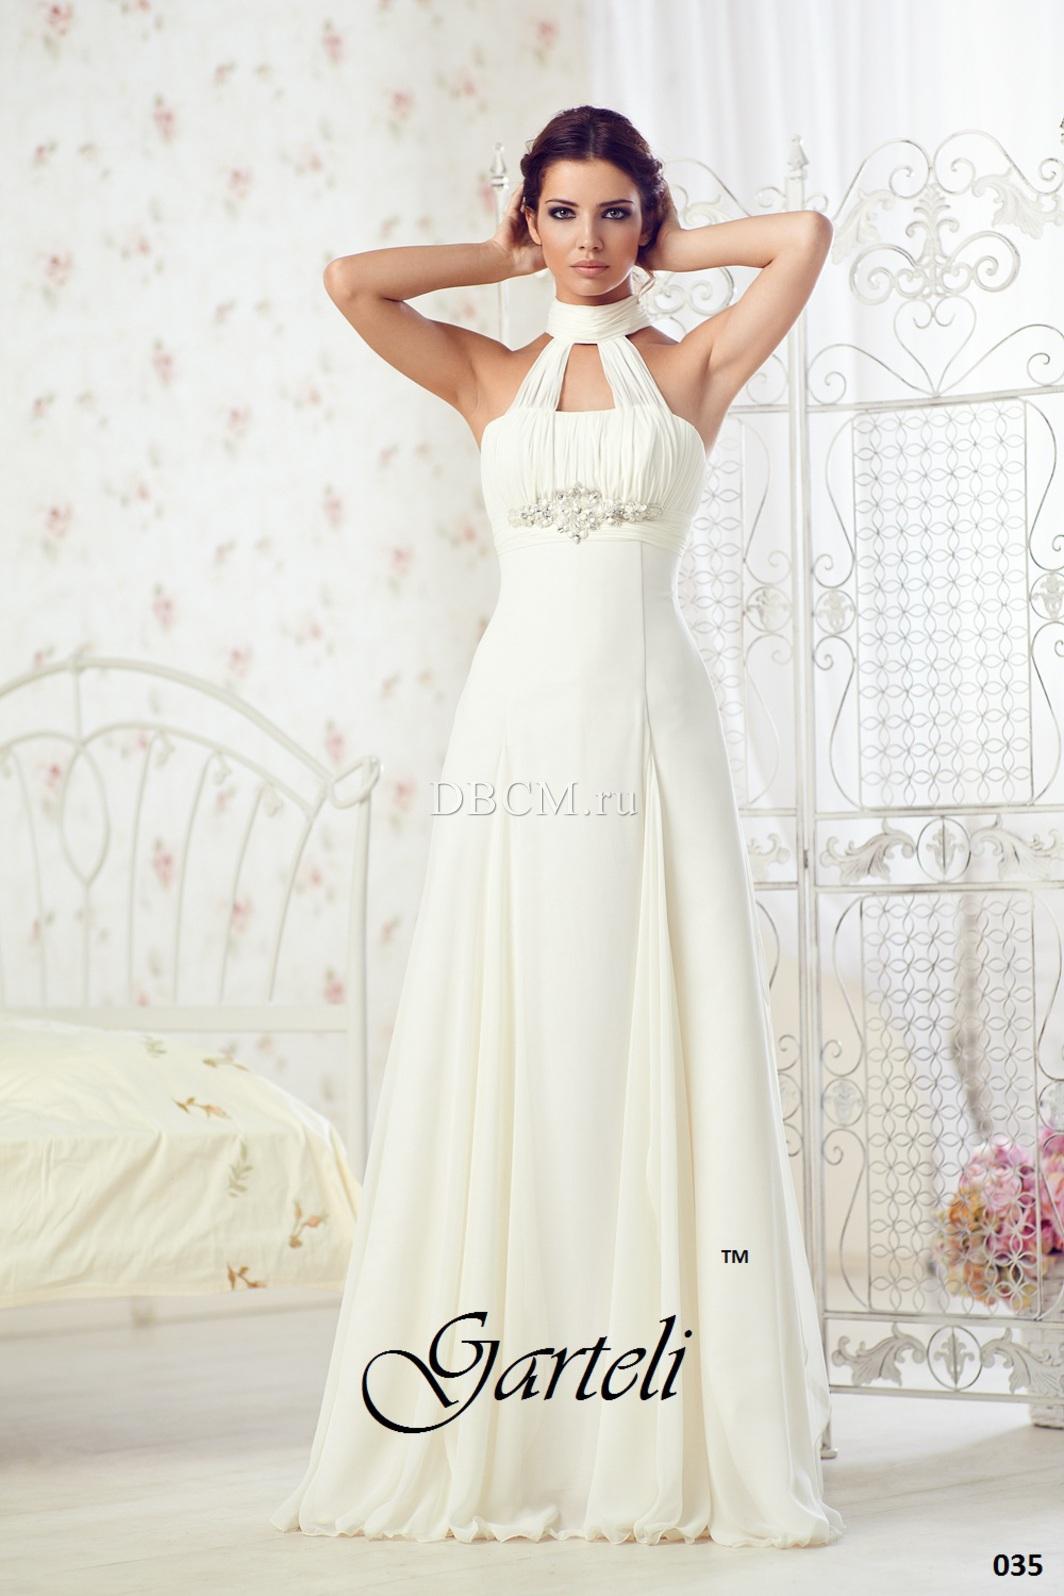 Дешевые Свадебные Платья Каталог